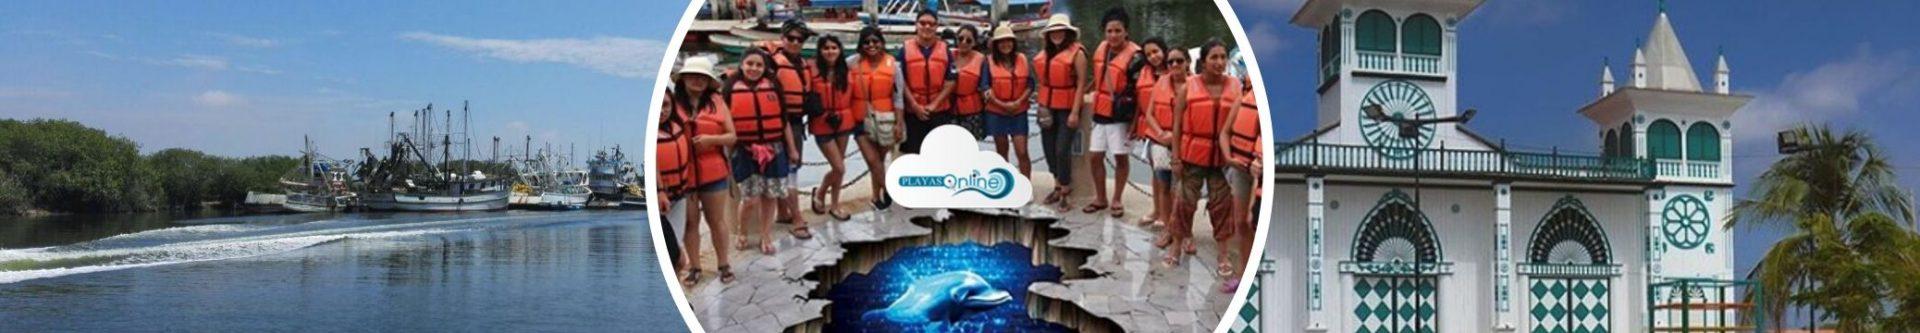 Turismo en la parroquia El Morro en Guayas